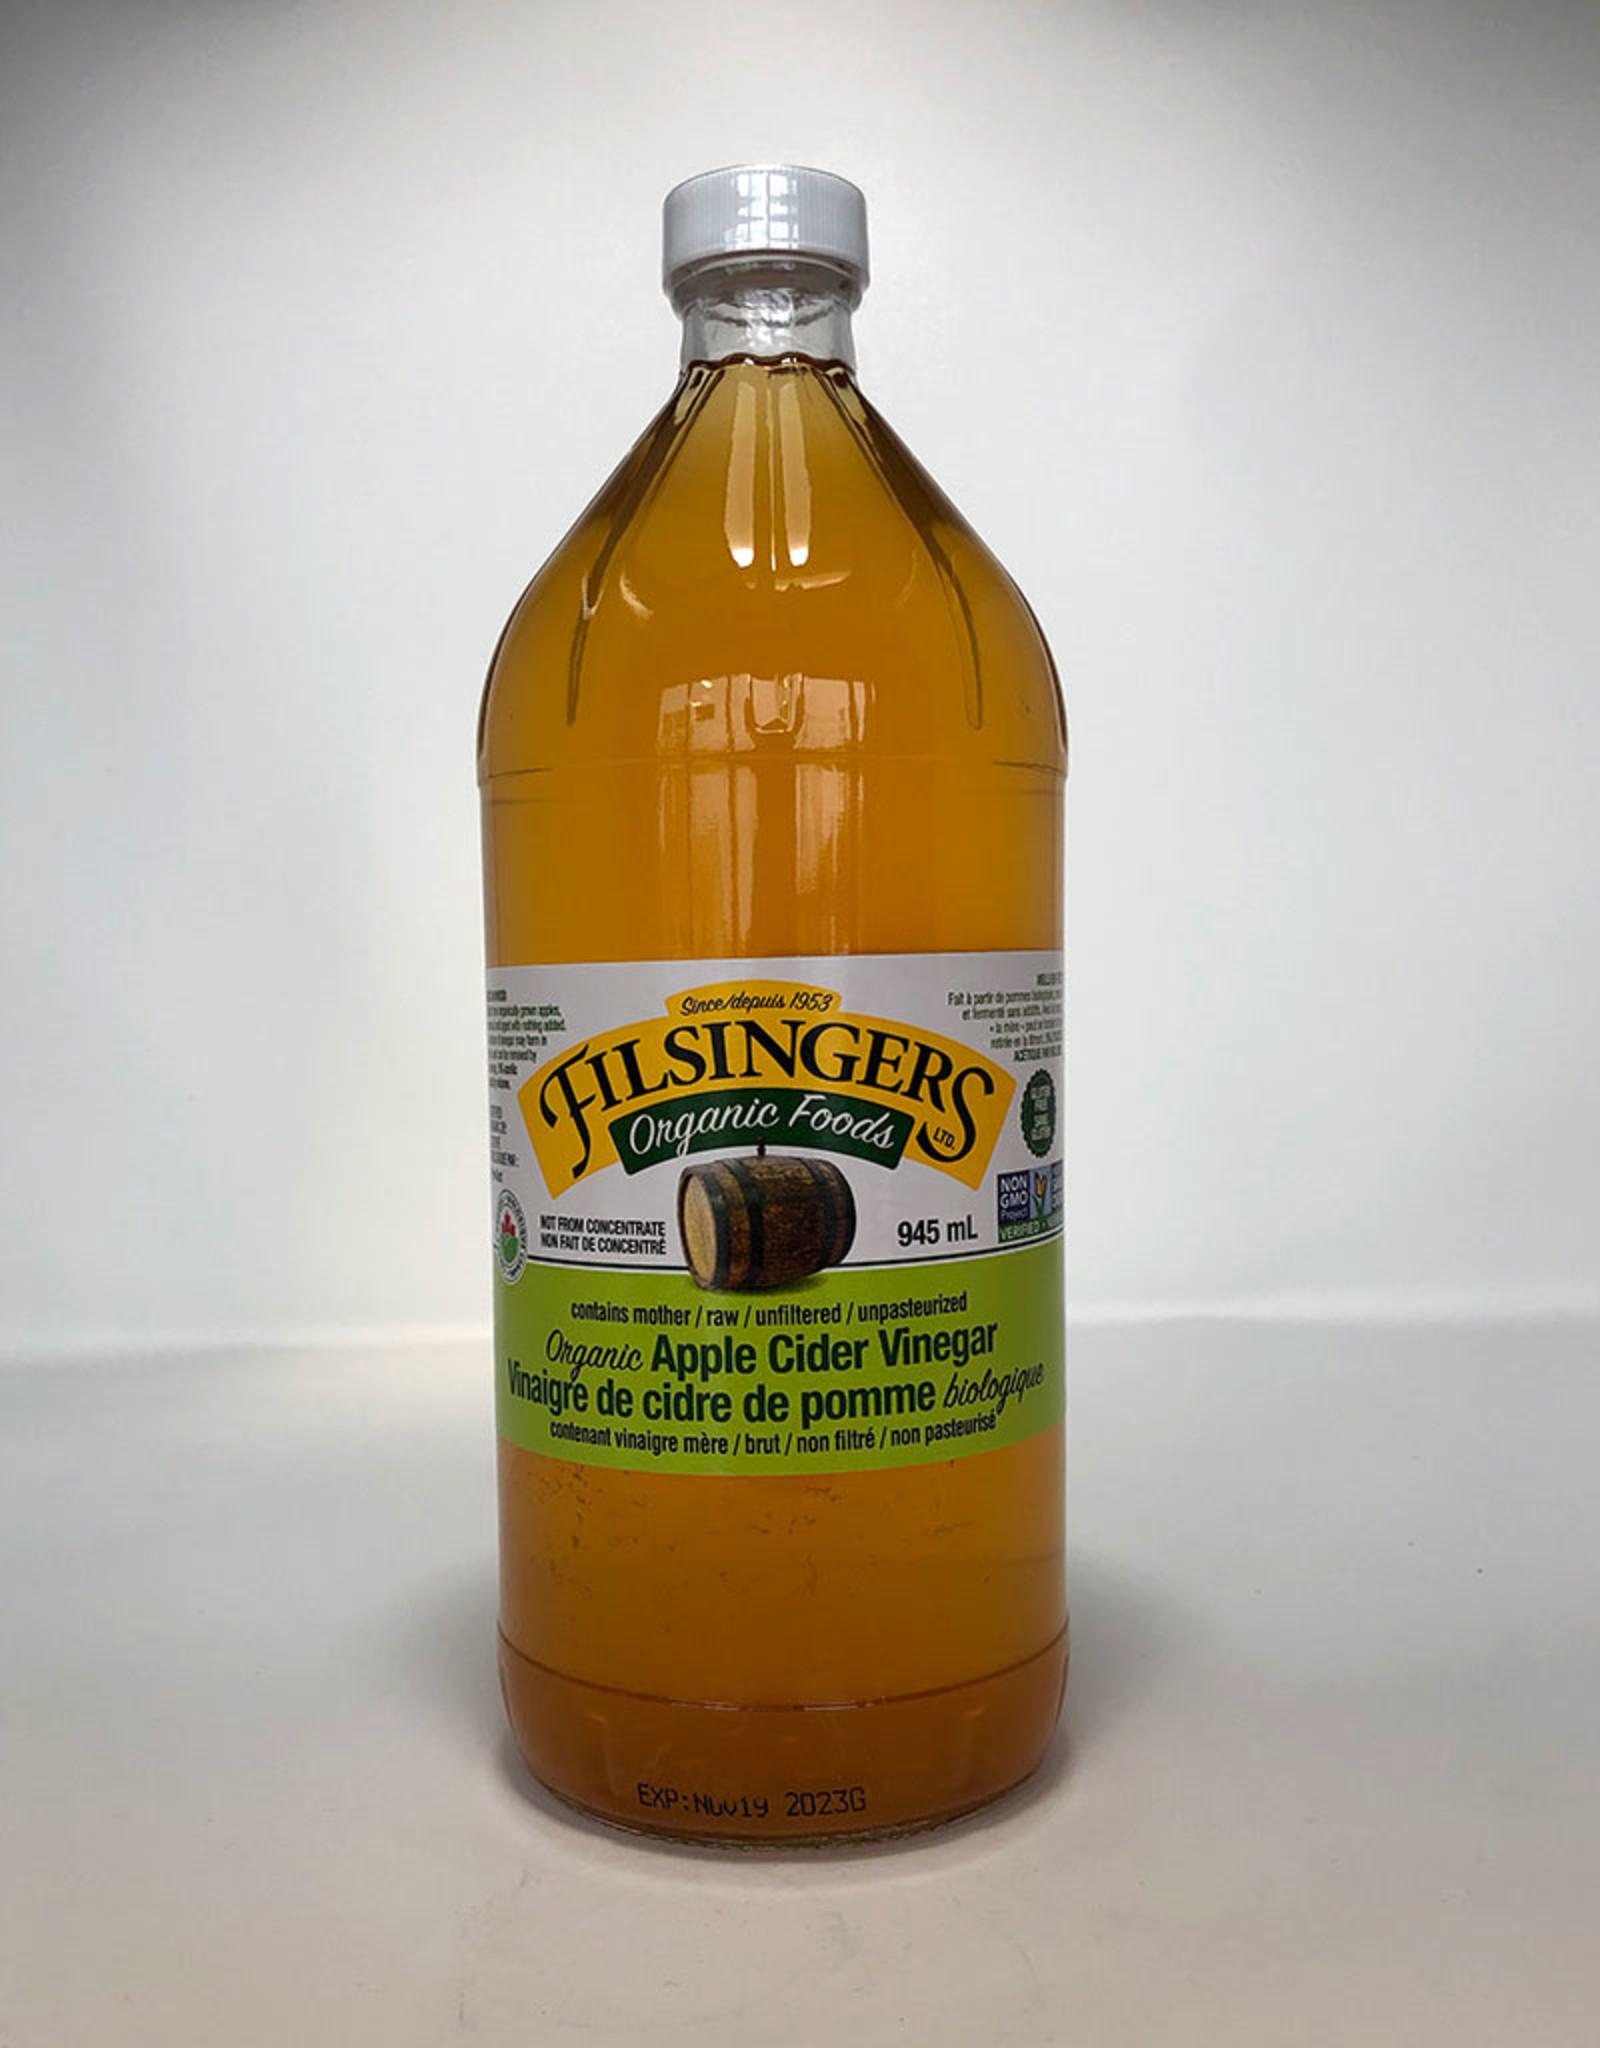 Filsingers Organic Foods Filsingers - Organic Apple Cider Vinegar (945ml)